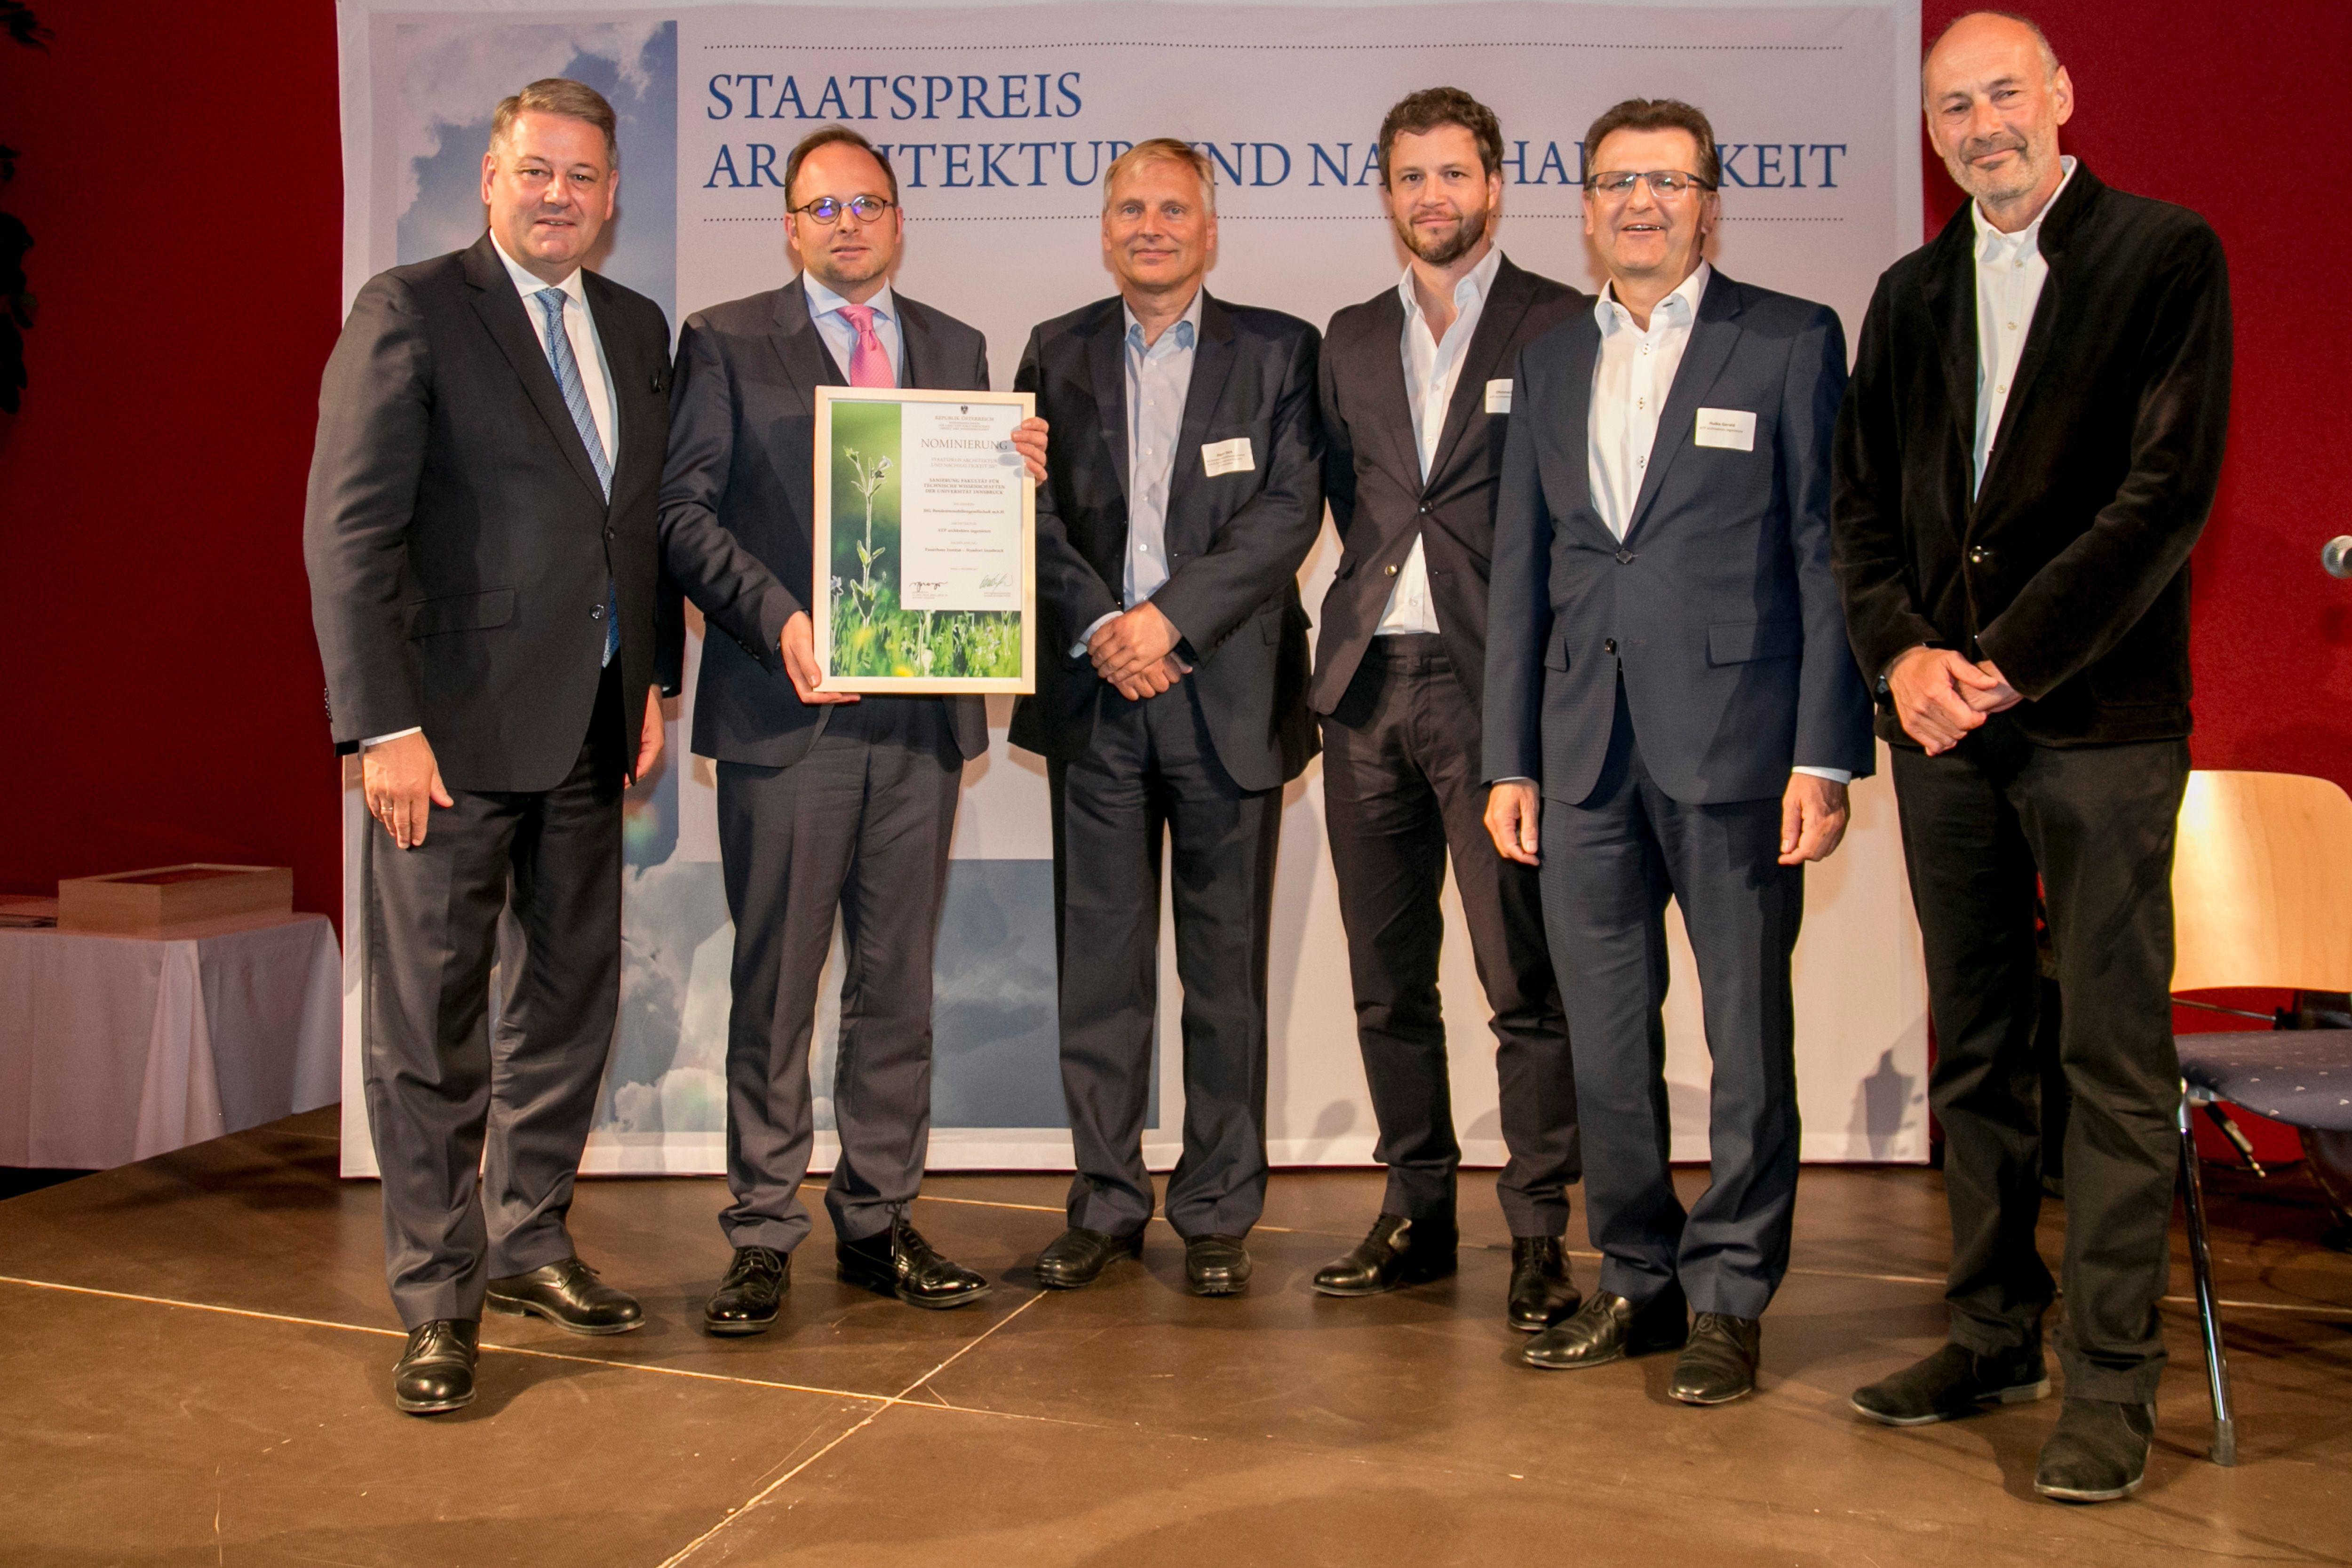 v.l.n.r.: BM Andrä Rupprechter, Maximilian Pammer und Dirk Jäger (BIG), Paul Ohnmacht und Gerald Hulka (ATP Innsbruck), Prof. Roland Gnaiger. Foto: Jan Hetfleisch<br><span class='image_copyright'>Jan Hetfleisch</span><br>